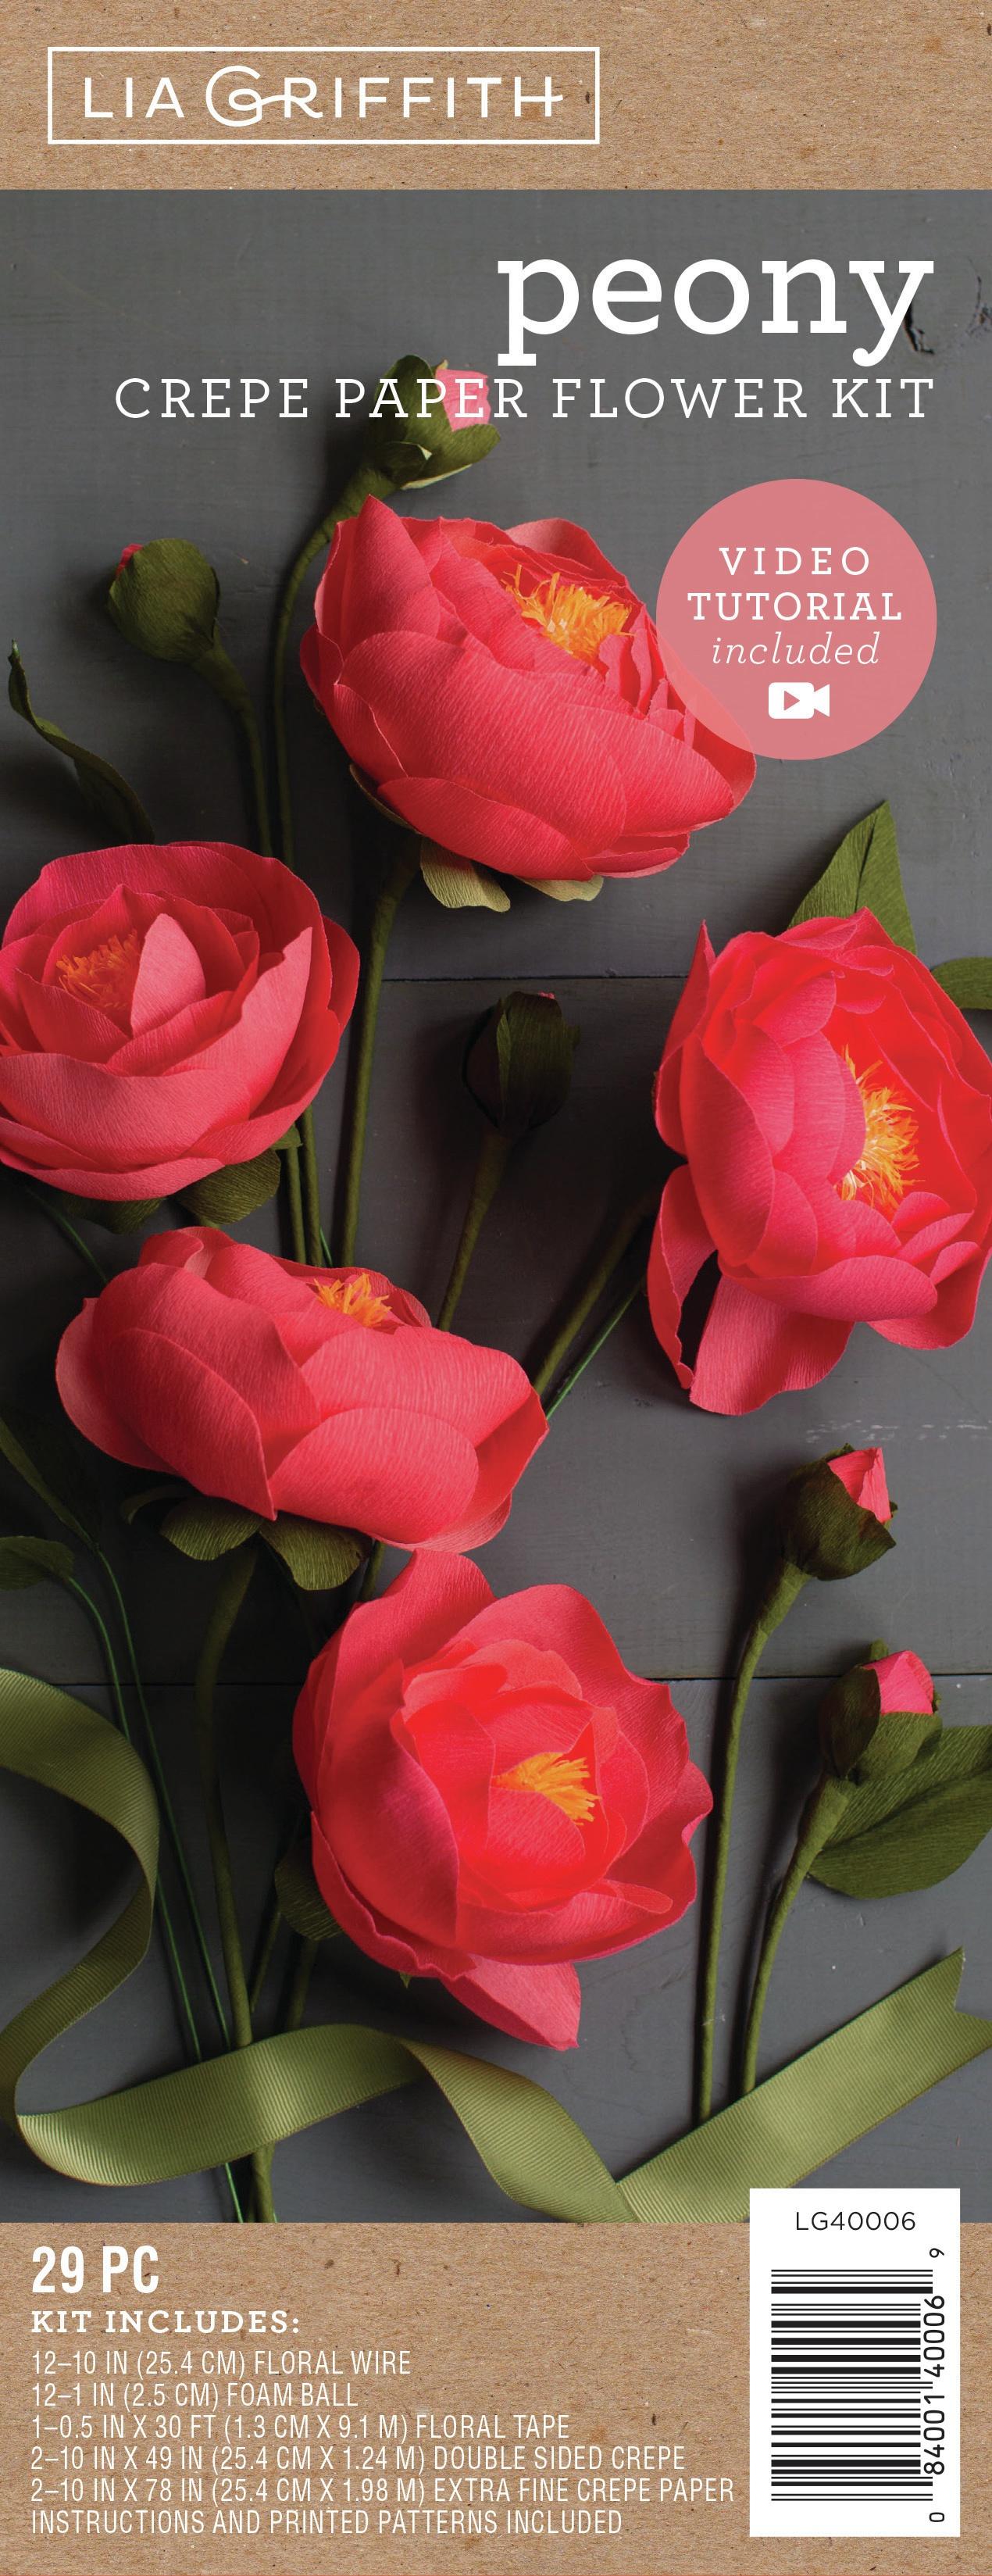 Crepe Paper Flower Kit -Peonies